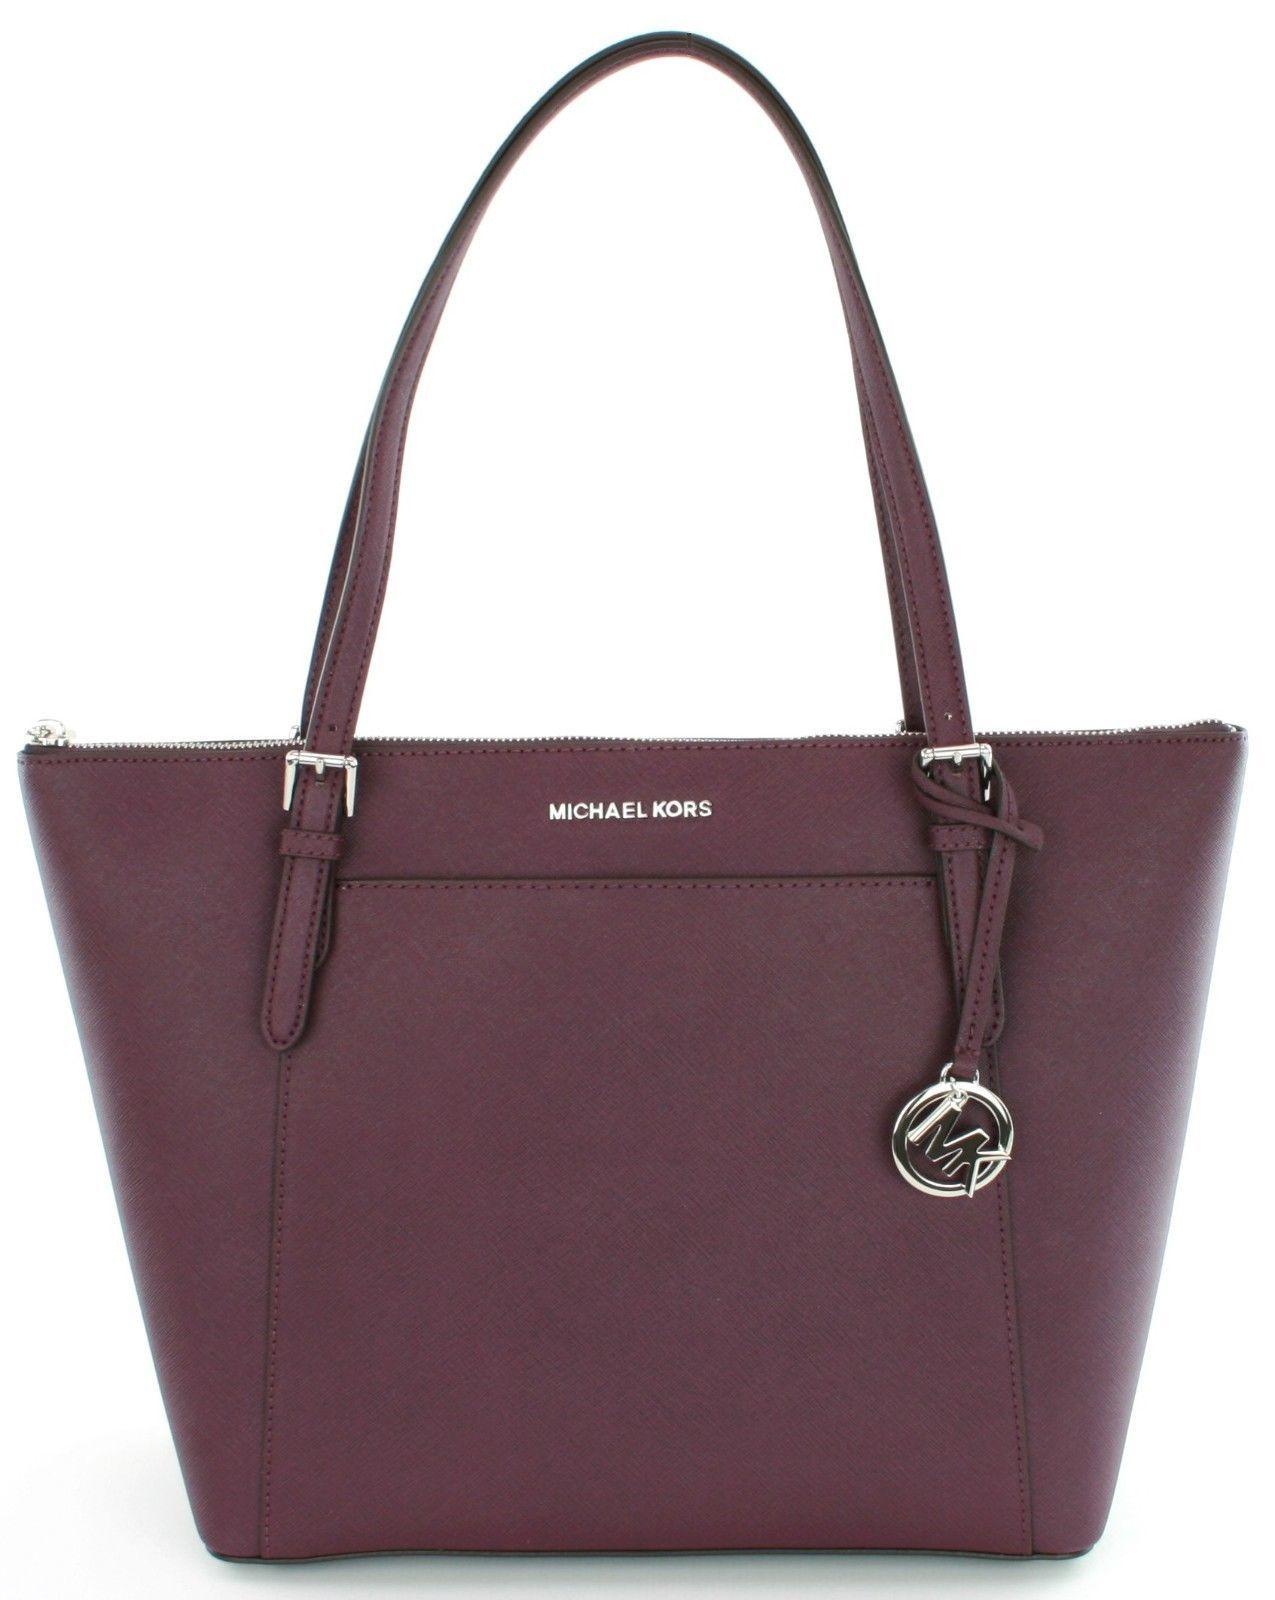 1d574f7ec0dd4 Michael Kors Farbe Zwetschge Jet Set Saffiano-Leder Shopper Handtasche -   273.82